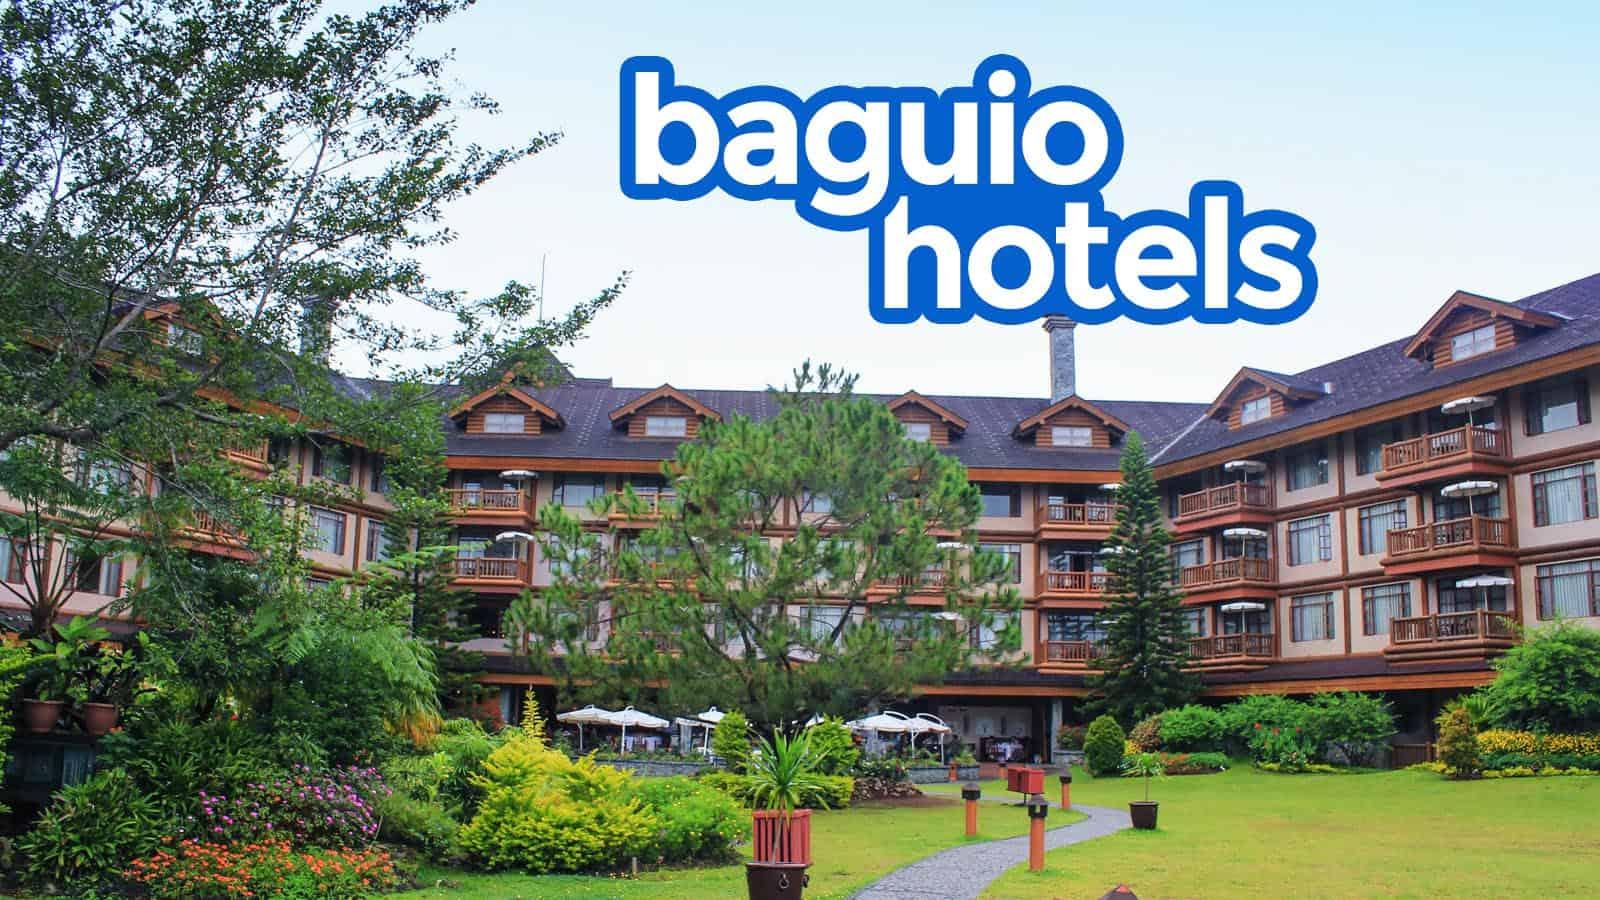 根据网上评论排名的13家巴圭奥酒店 | 穷游者的行程博客